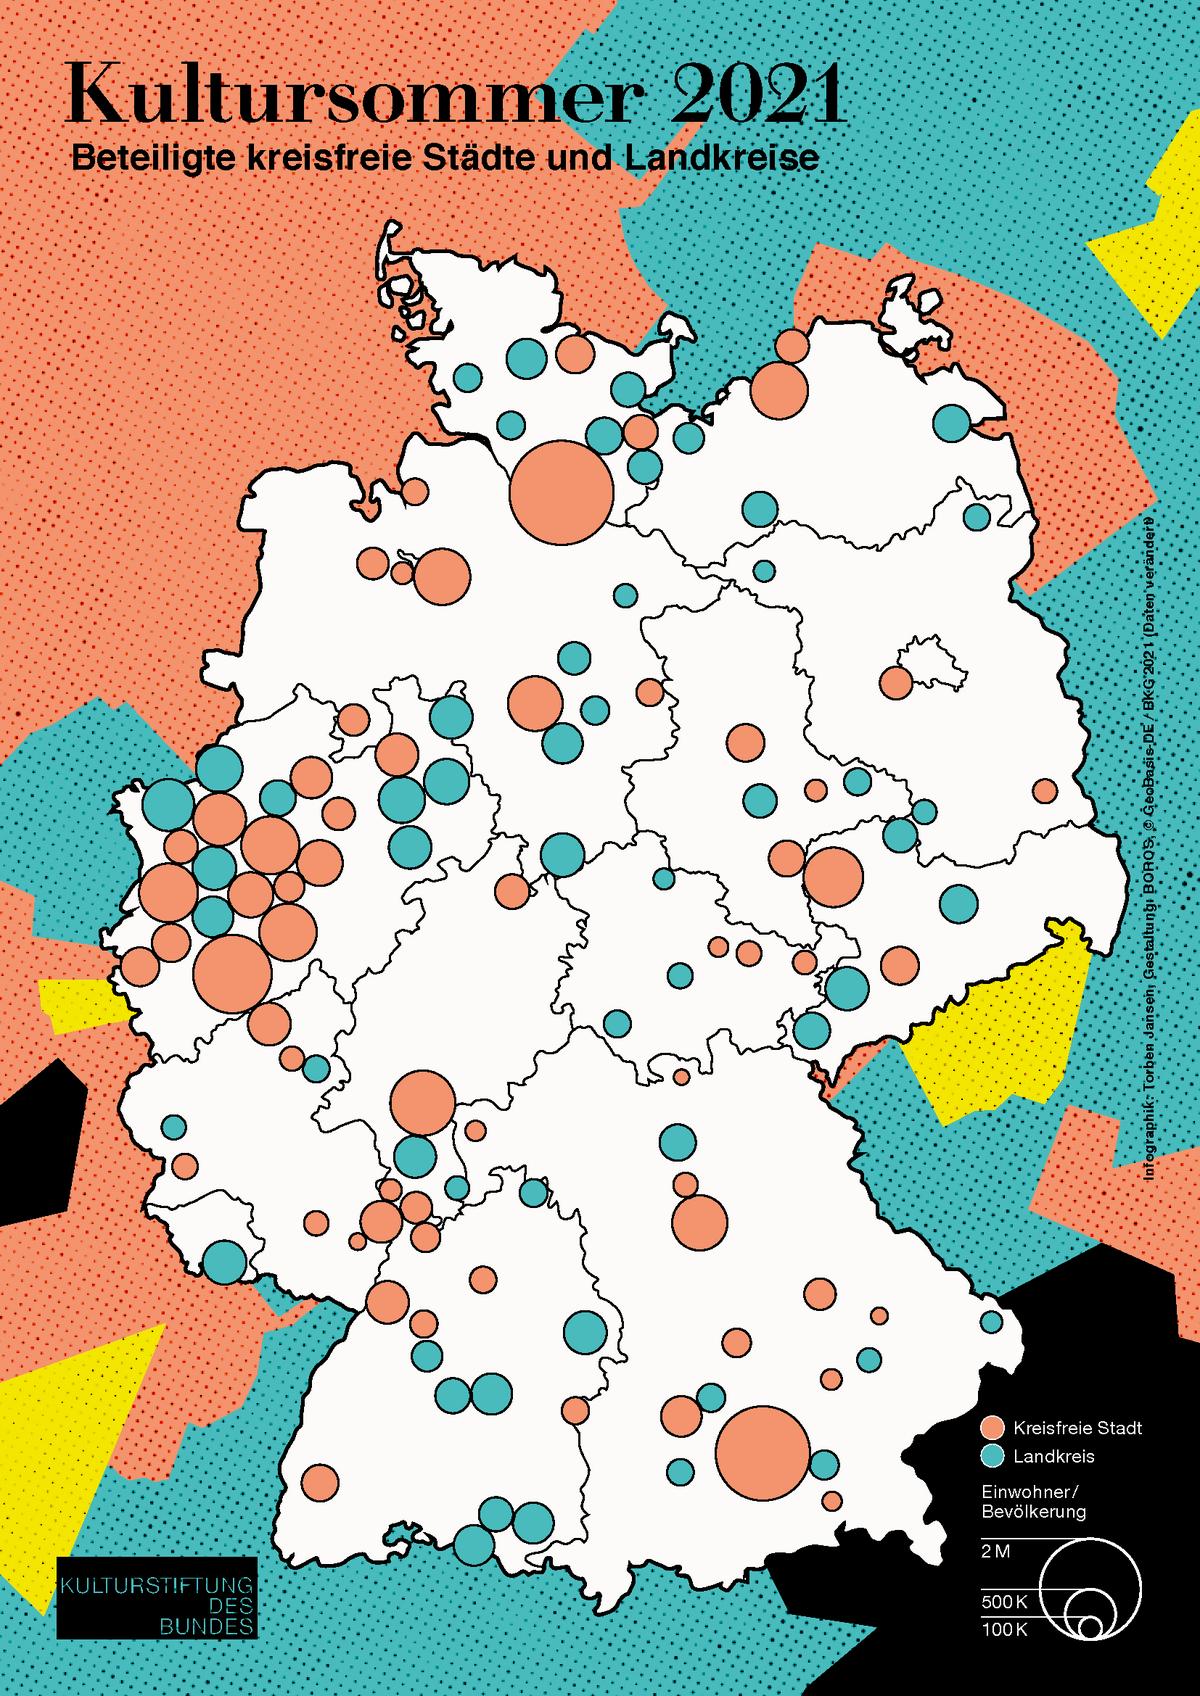 Deutschlandkarte mit Markierung beteiligter kreisfreier Städte und Landkreise beim Kultursommer 2021